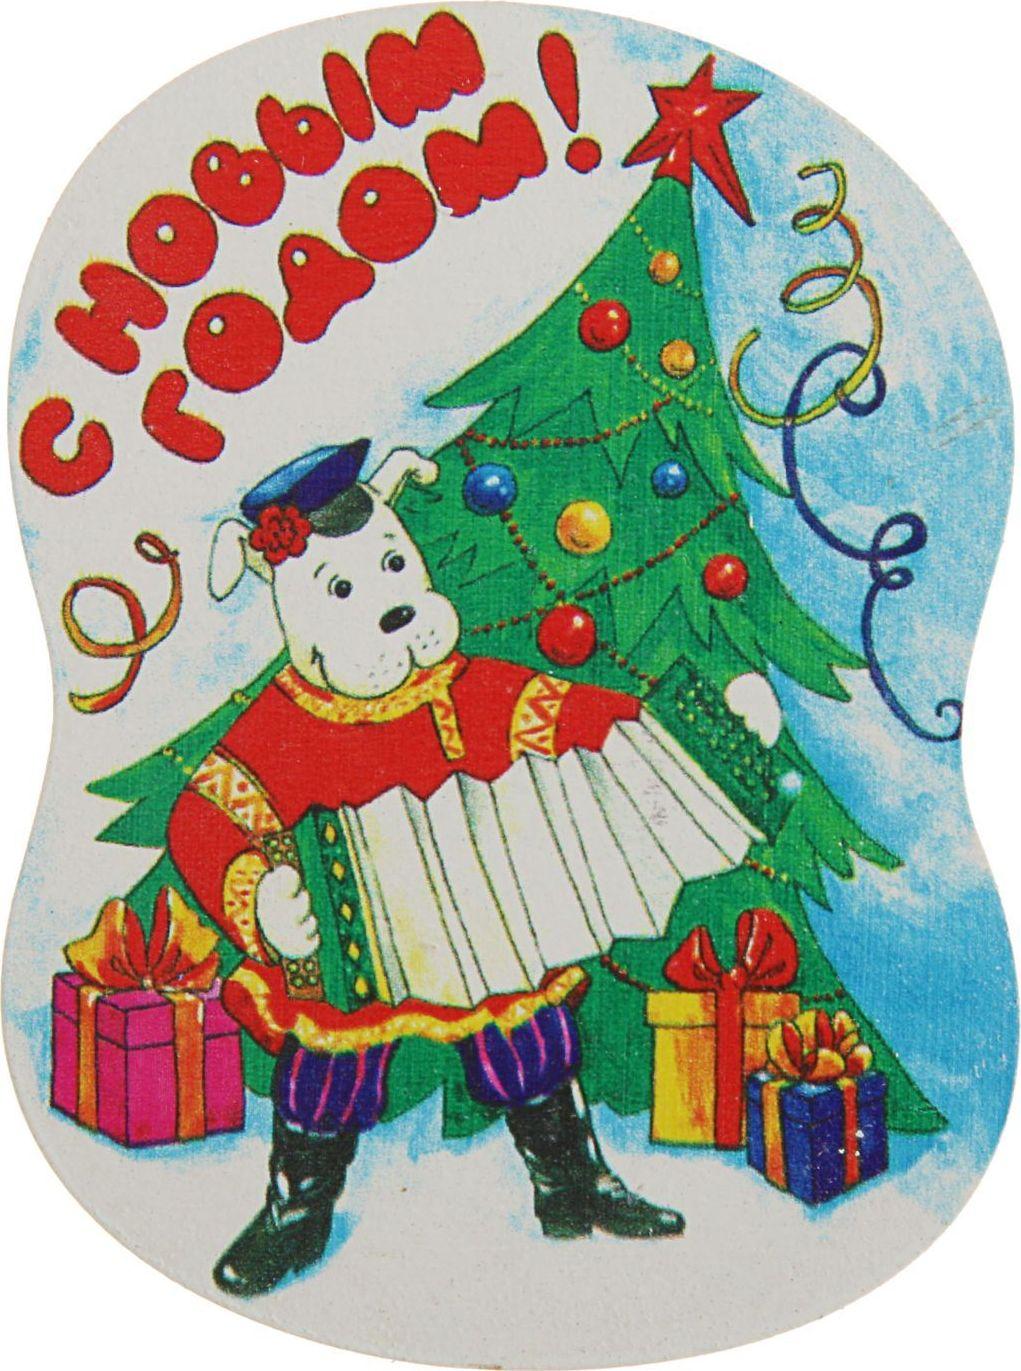 Магнит ТД ДМ С новым годом. Символ года, цвет: голубой, 8 х 6 см2368025Порадуйте родных и близких оригинальным сувениром: преподнесите в подарок магнит. С нимдаже самый серьёзный человек почувствует себя ребёнком, ожидающим чудо! Создайте праздничное настроение, и оно останется с вами на весь год.